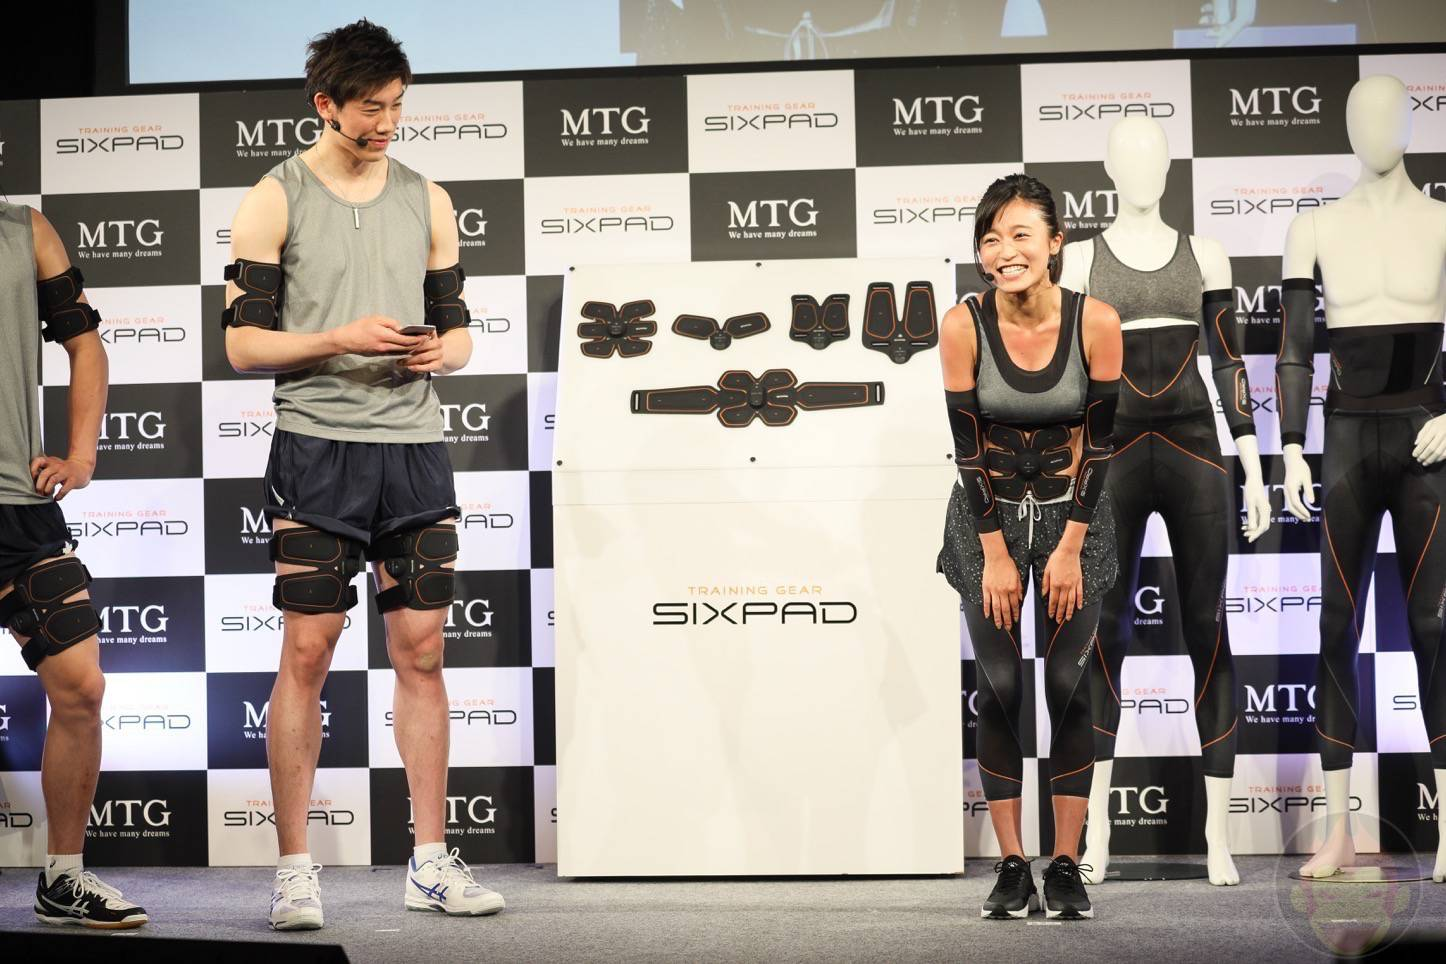 MTG-SIXPAD-New-Products-KojiRuri-Ishikawa-97.jpg